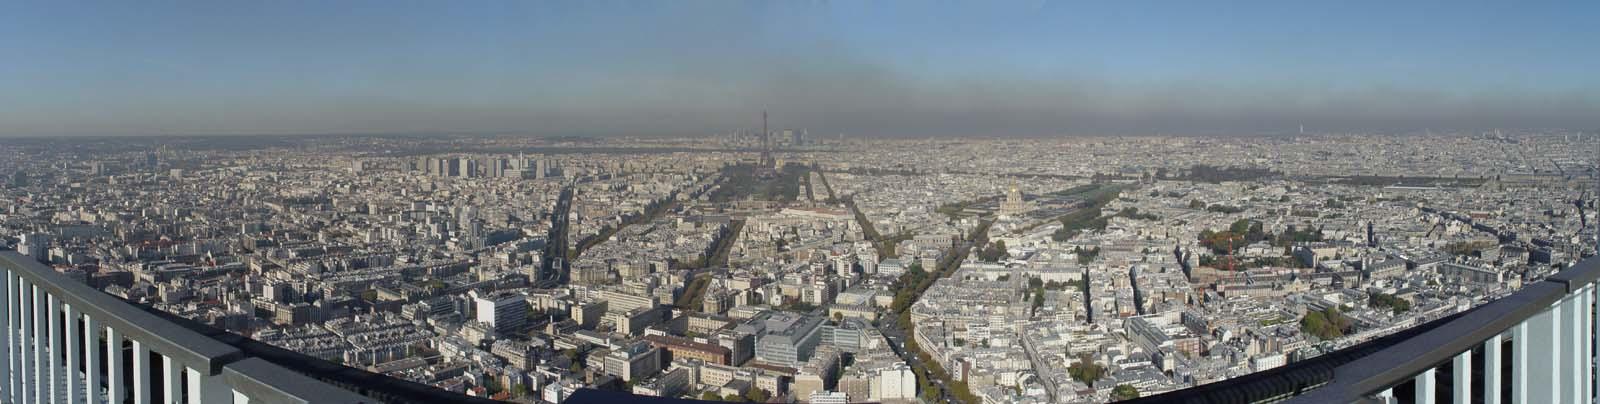 Párizs napjainkban. - A képen tökéletesen látható a környezetszennyezés mértéke!